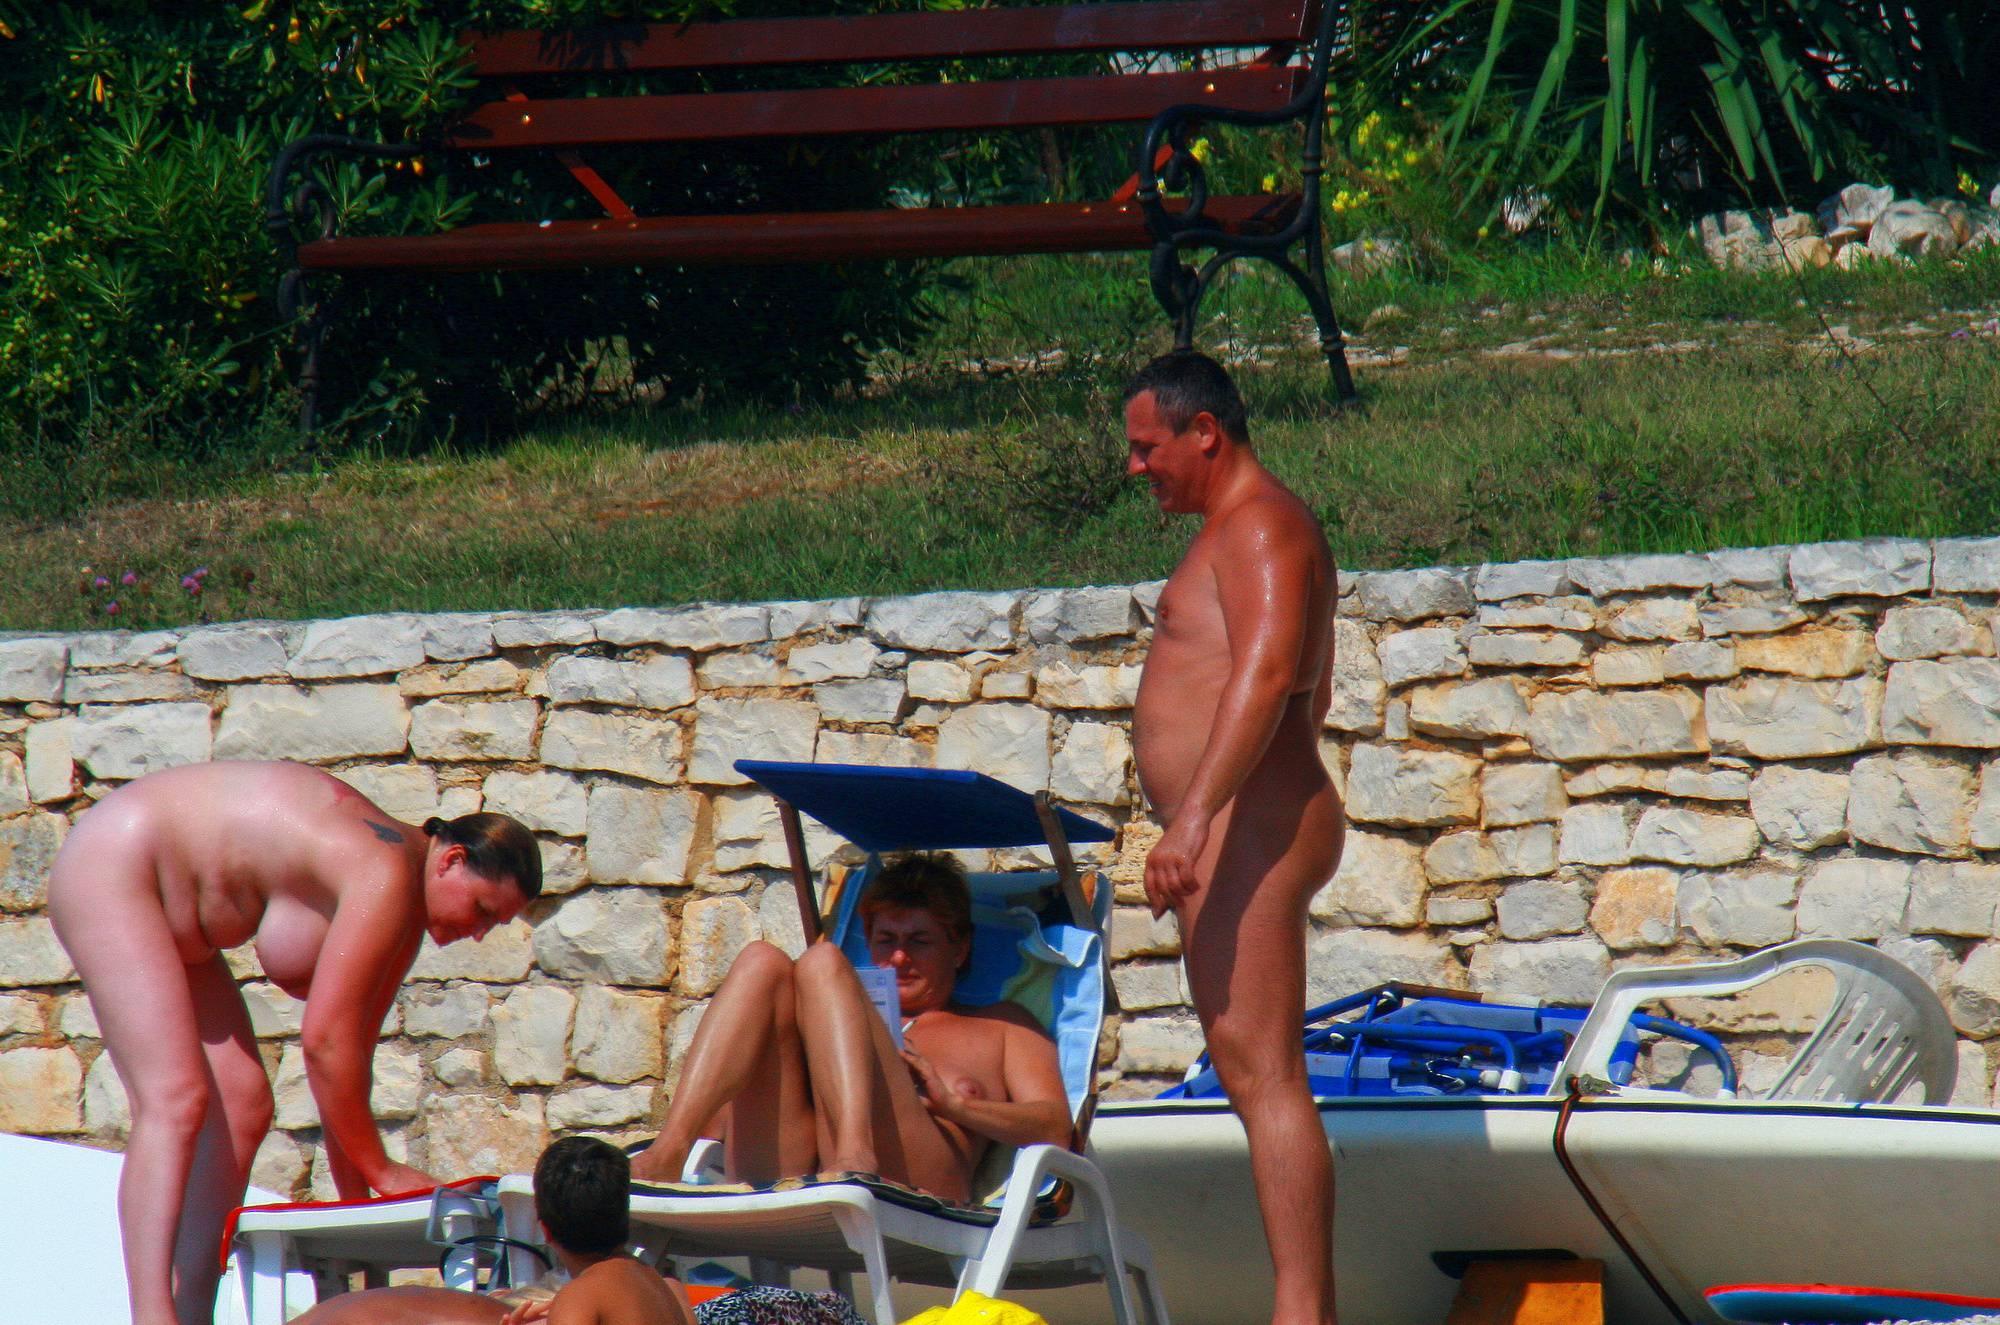 Nudist Photos Uka FKK Adult's Water Play - 1